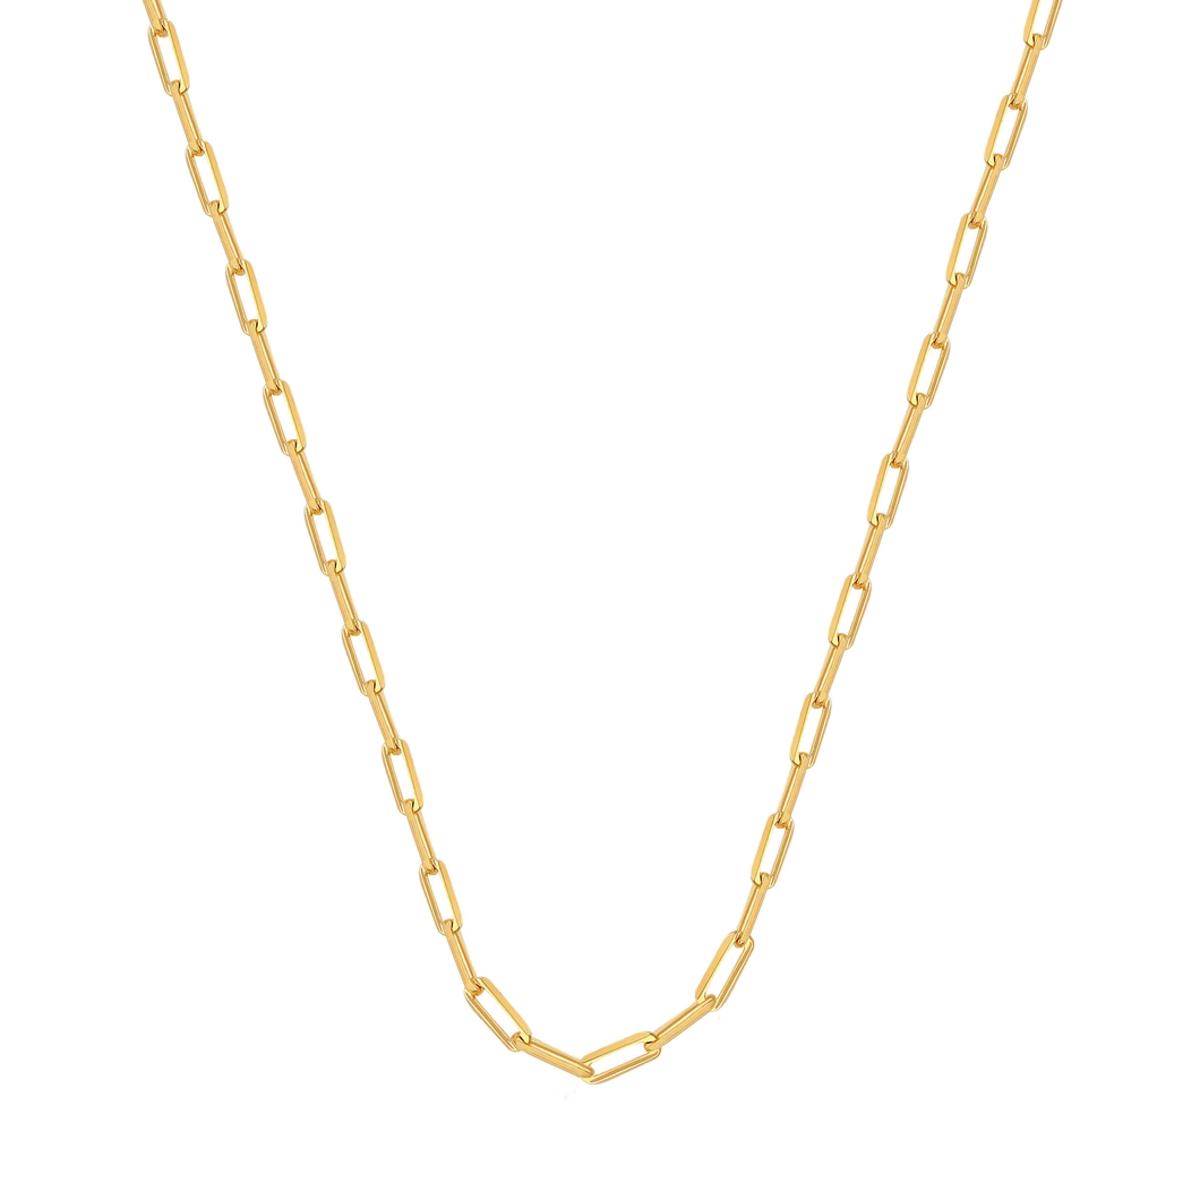 Corrente Masculina Cartier 60 cm Elo Maior Folheado Em Ouro